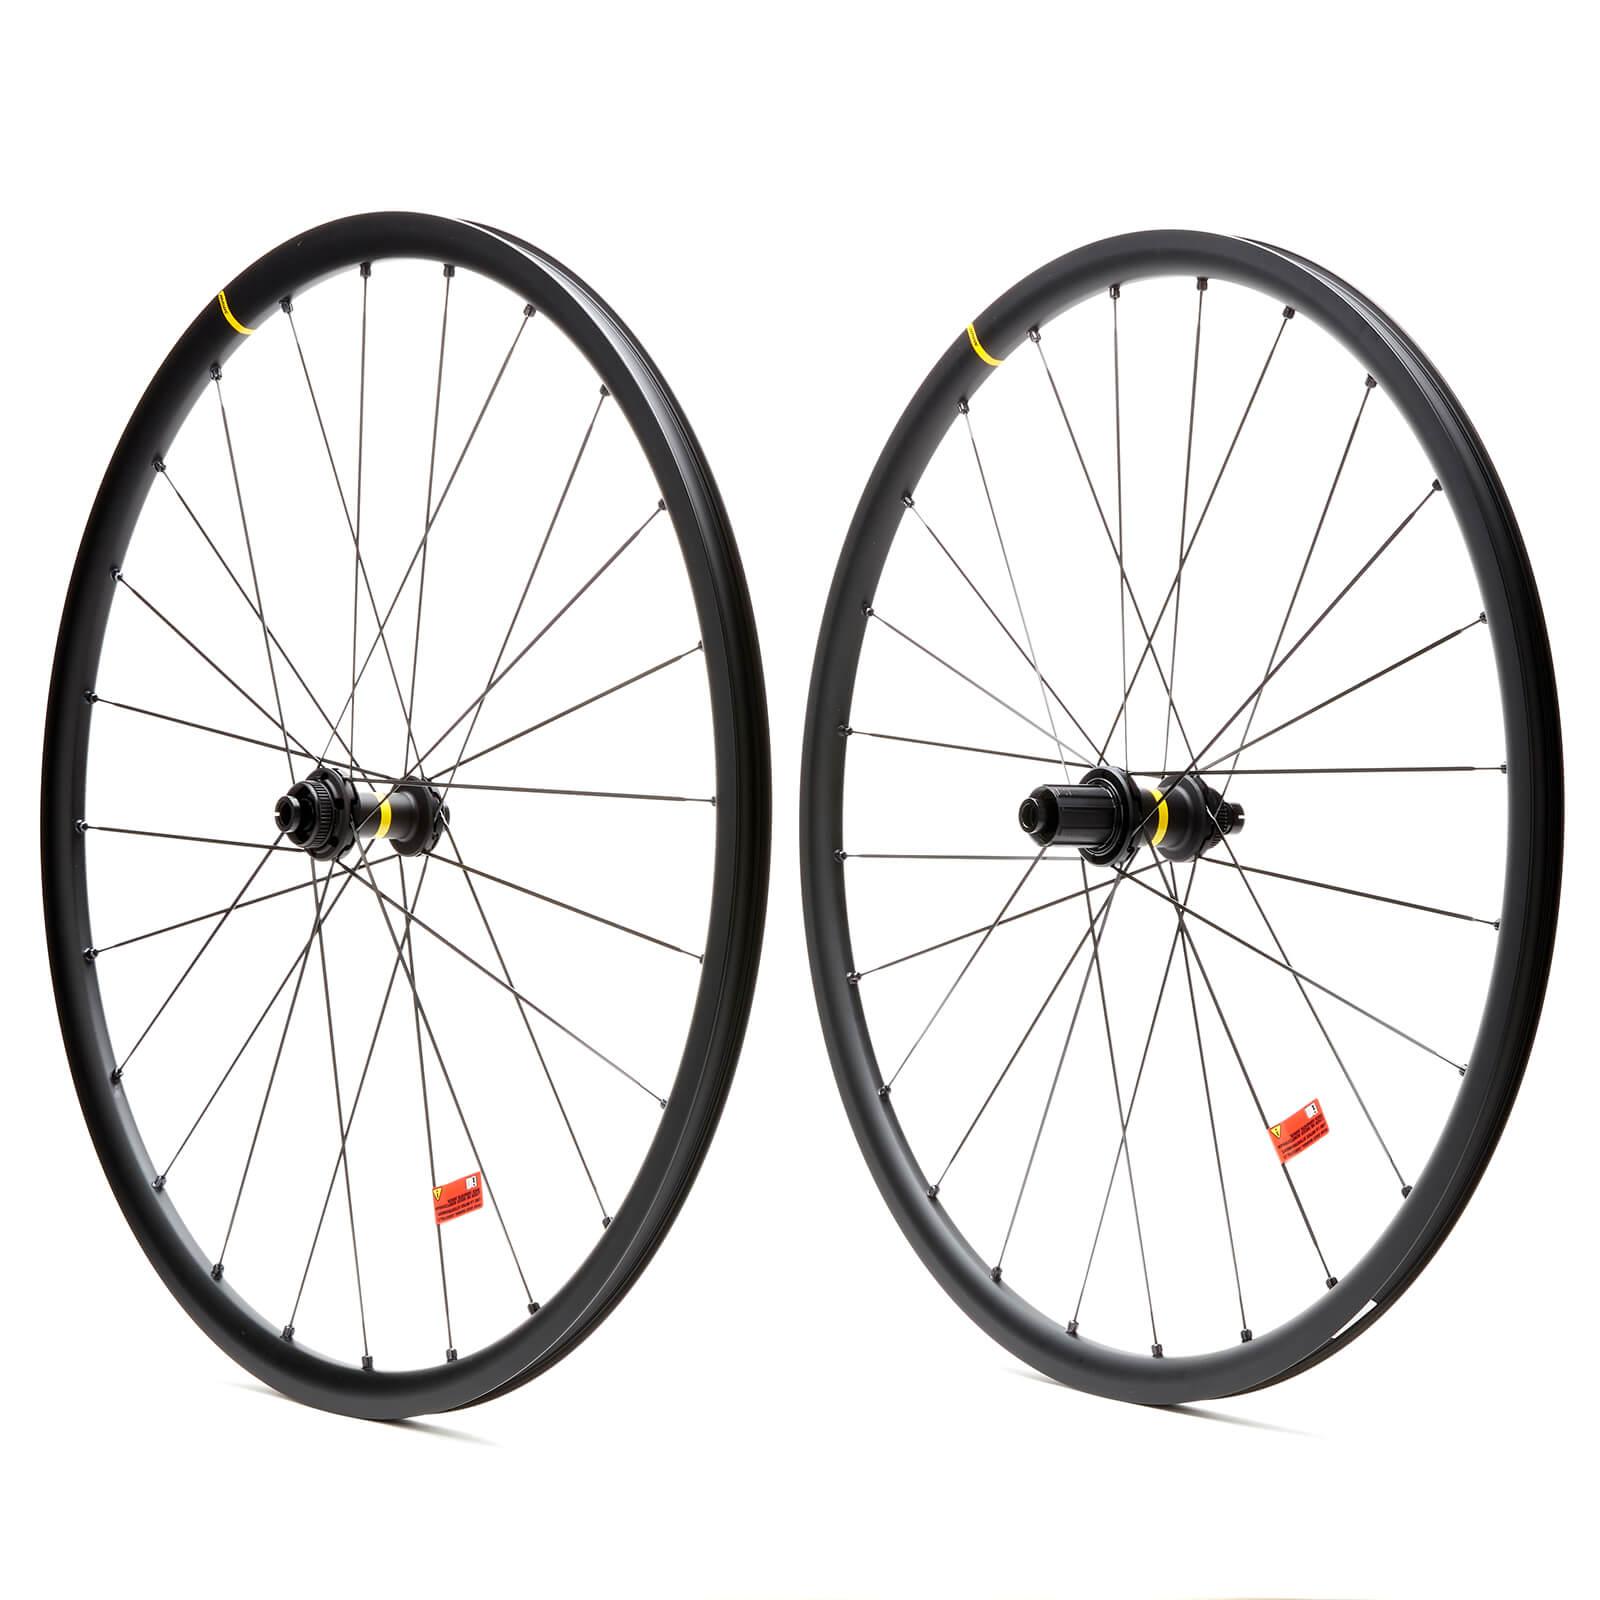 Mavic Ksyrium S 25 Disc Wheelset - 2021 - Shimano/sram